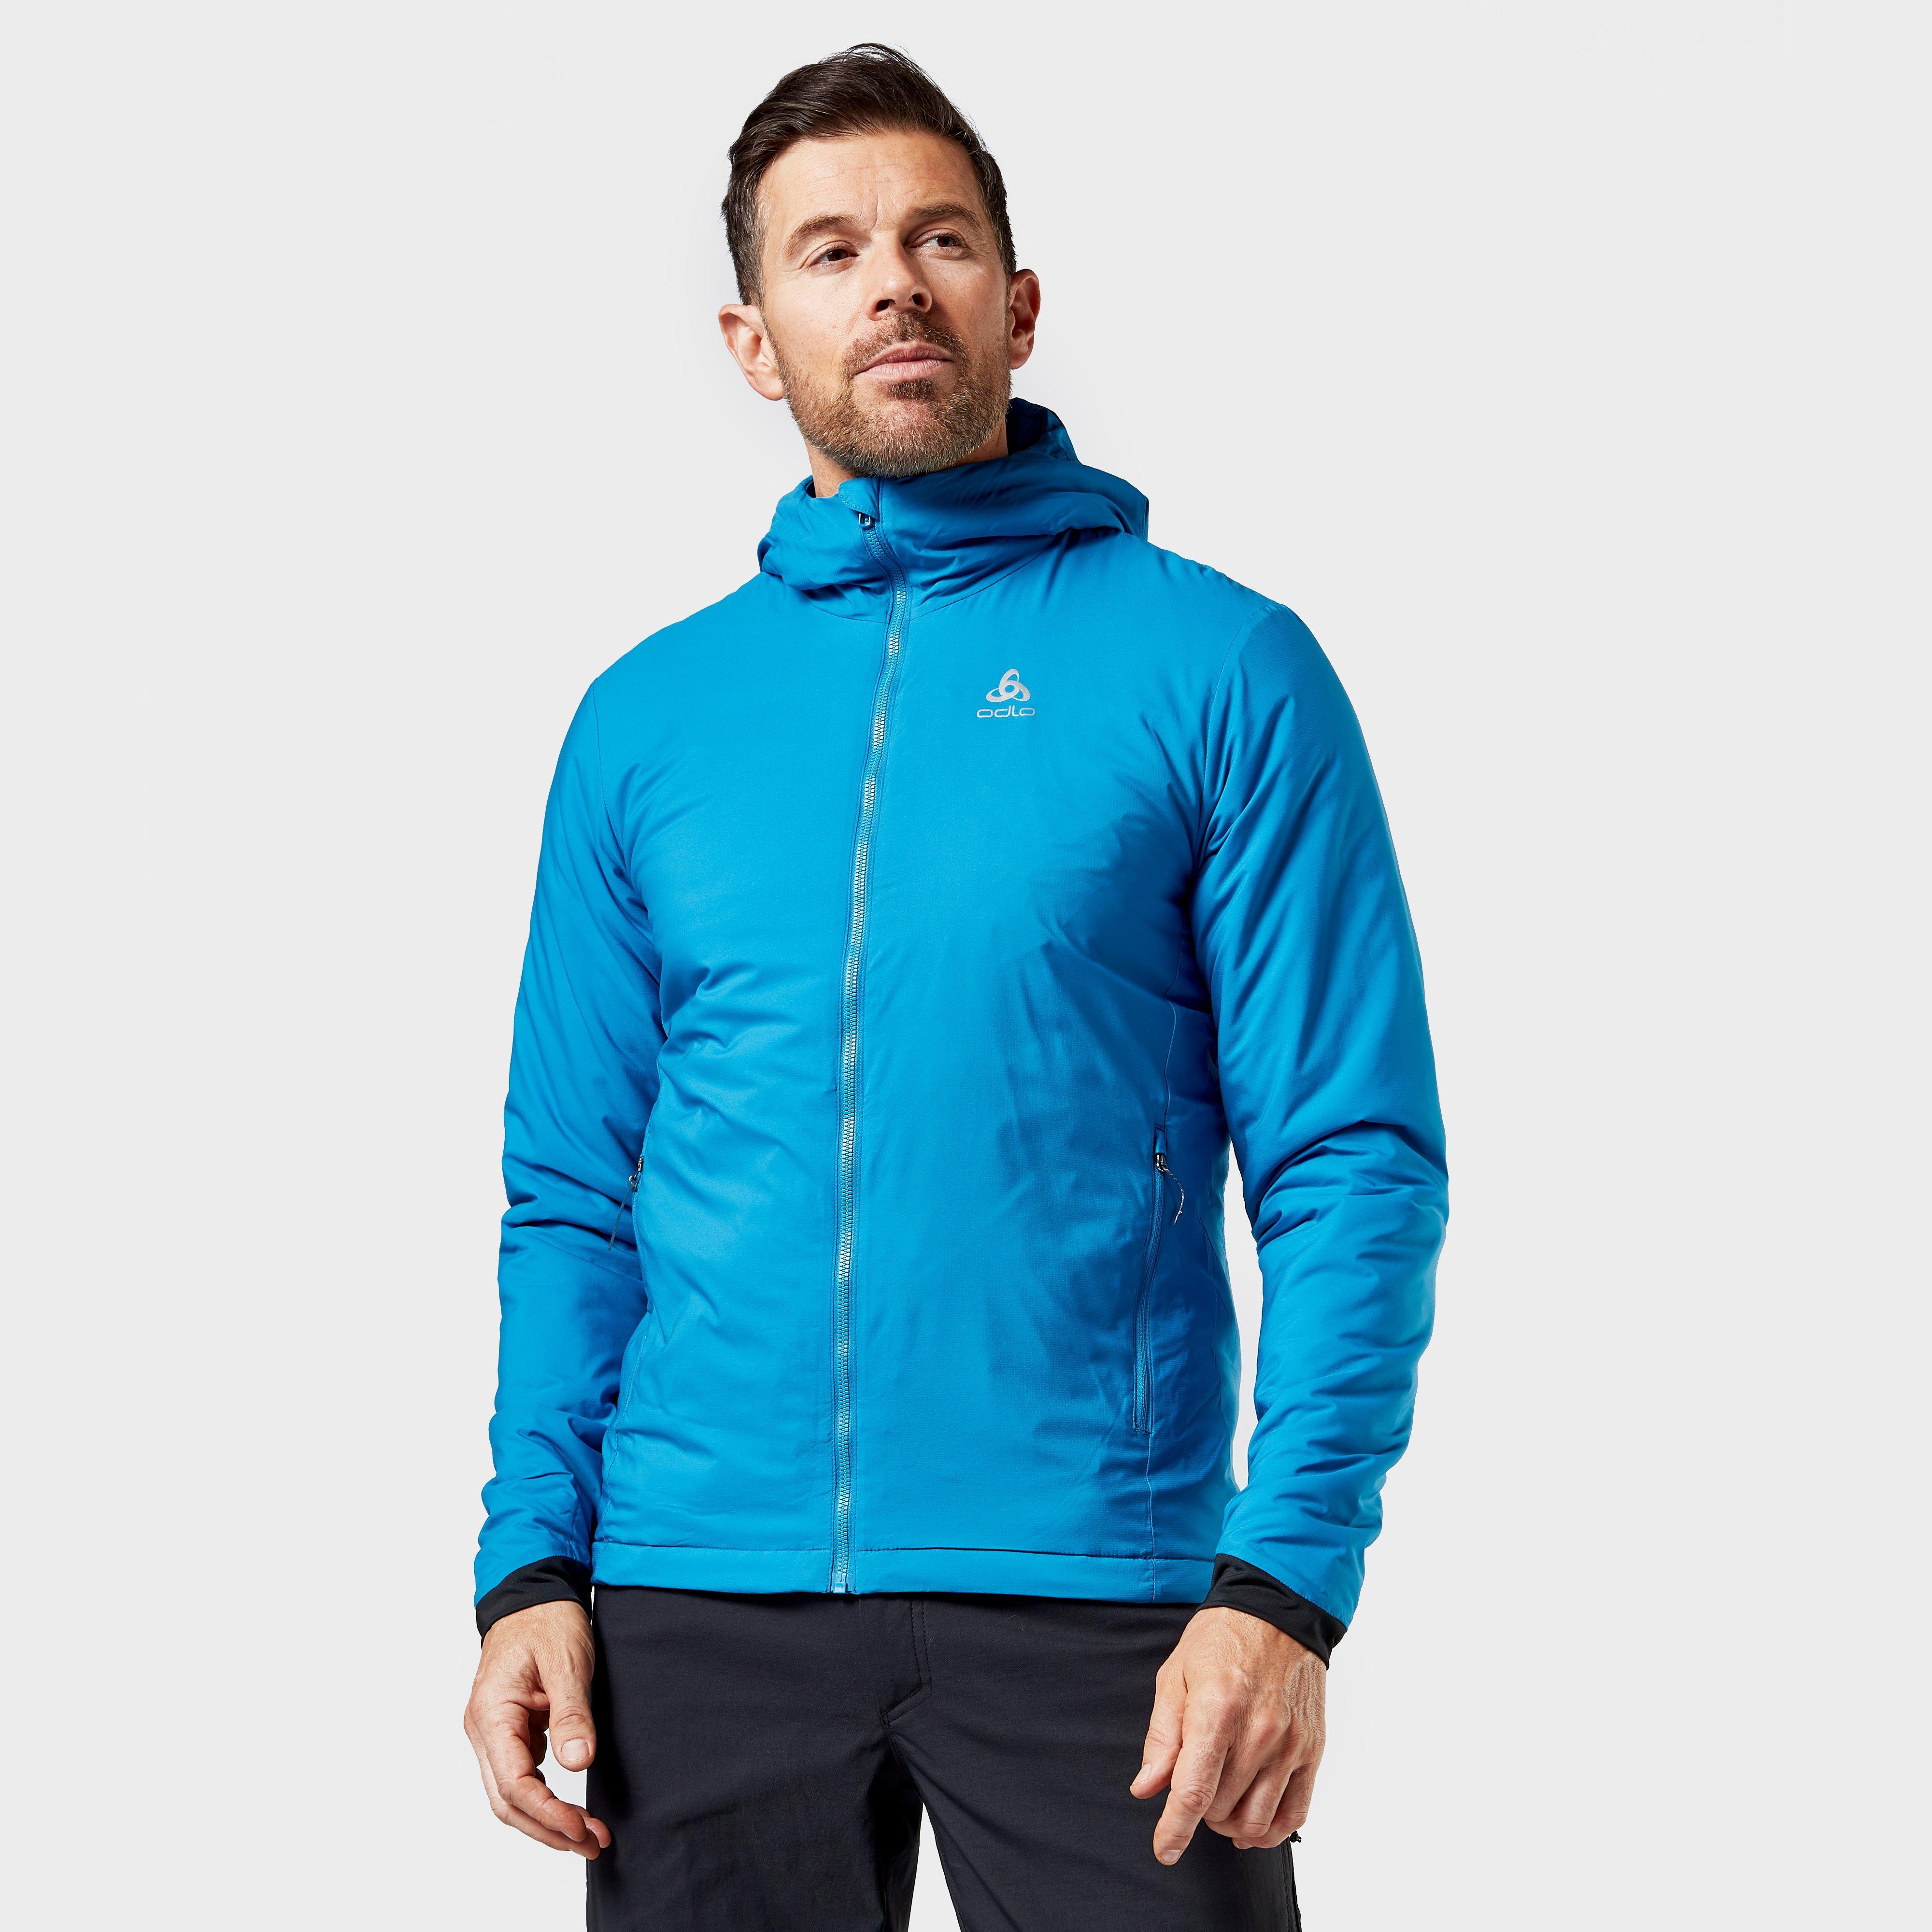 Odlo Odlo Mens FLI S-Thermic Insulated Jacket - Blue, Blue